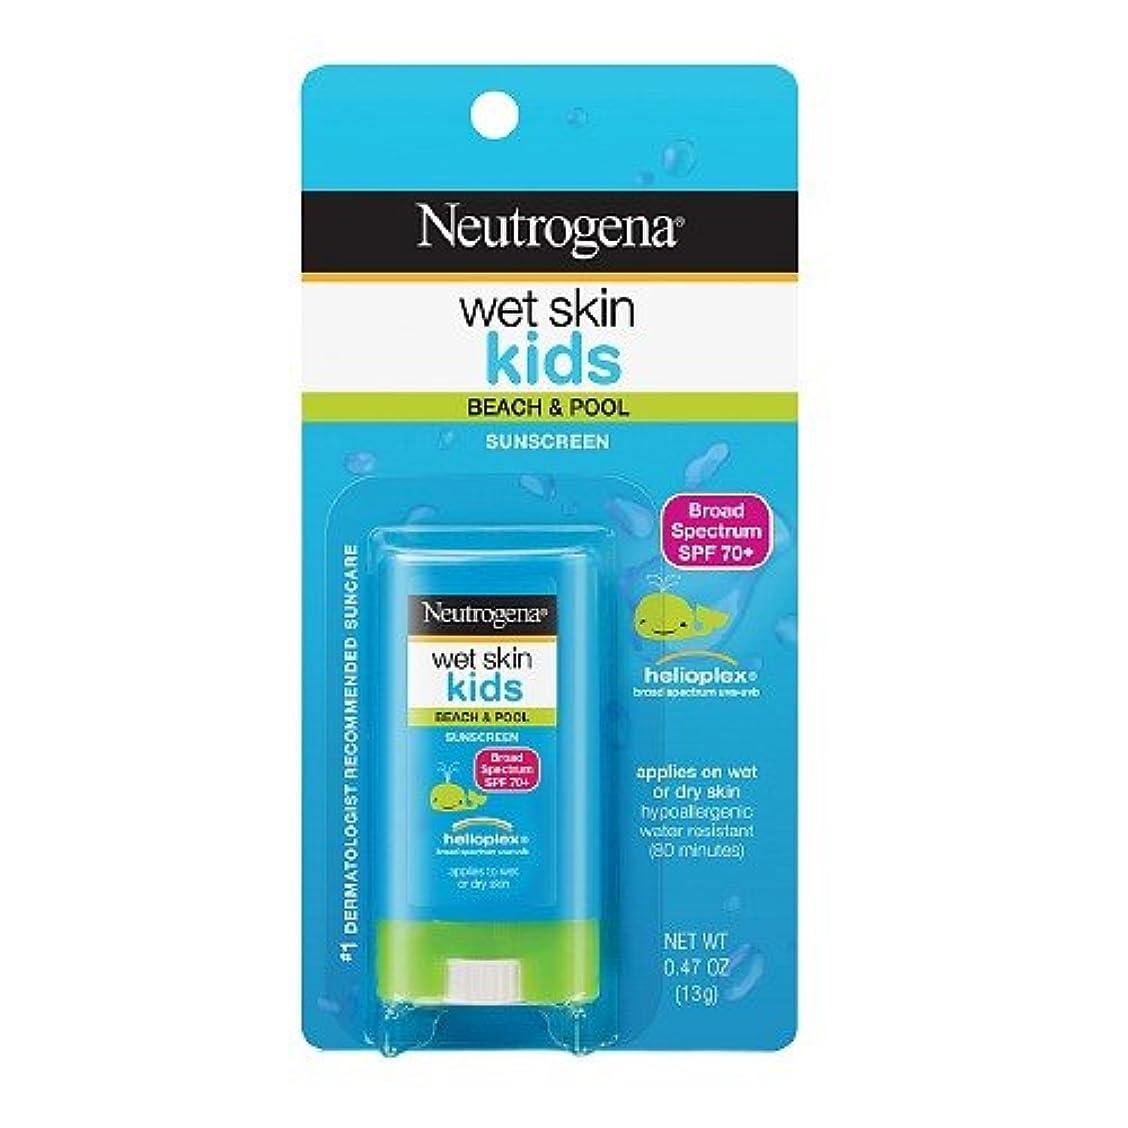 禁輸義務づける有益なNeutrogena ニュートロジーナオイル無ウェットスキンキッズ日焼け止めスティック SPF70 13g 並行輸入品